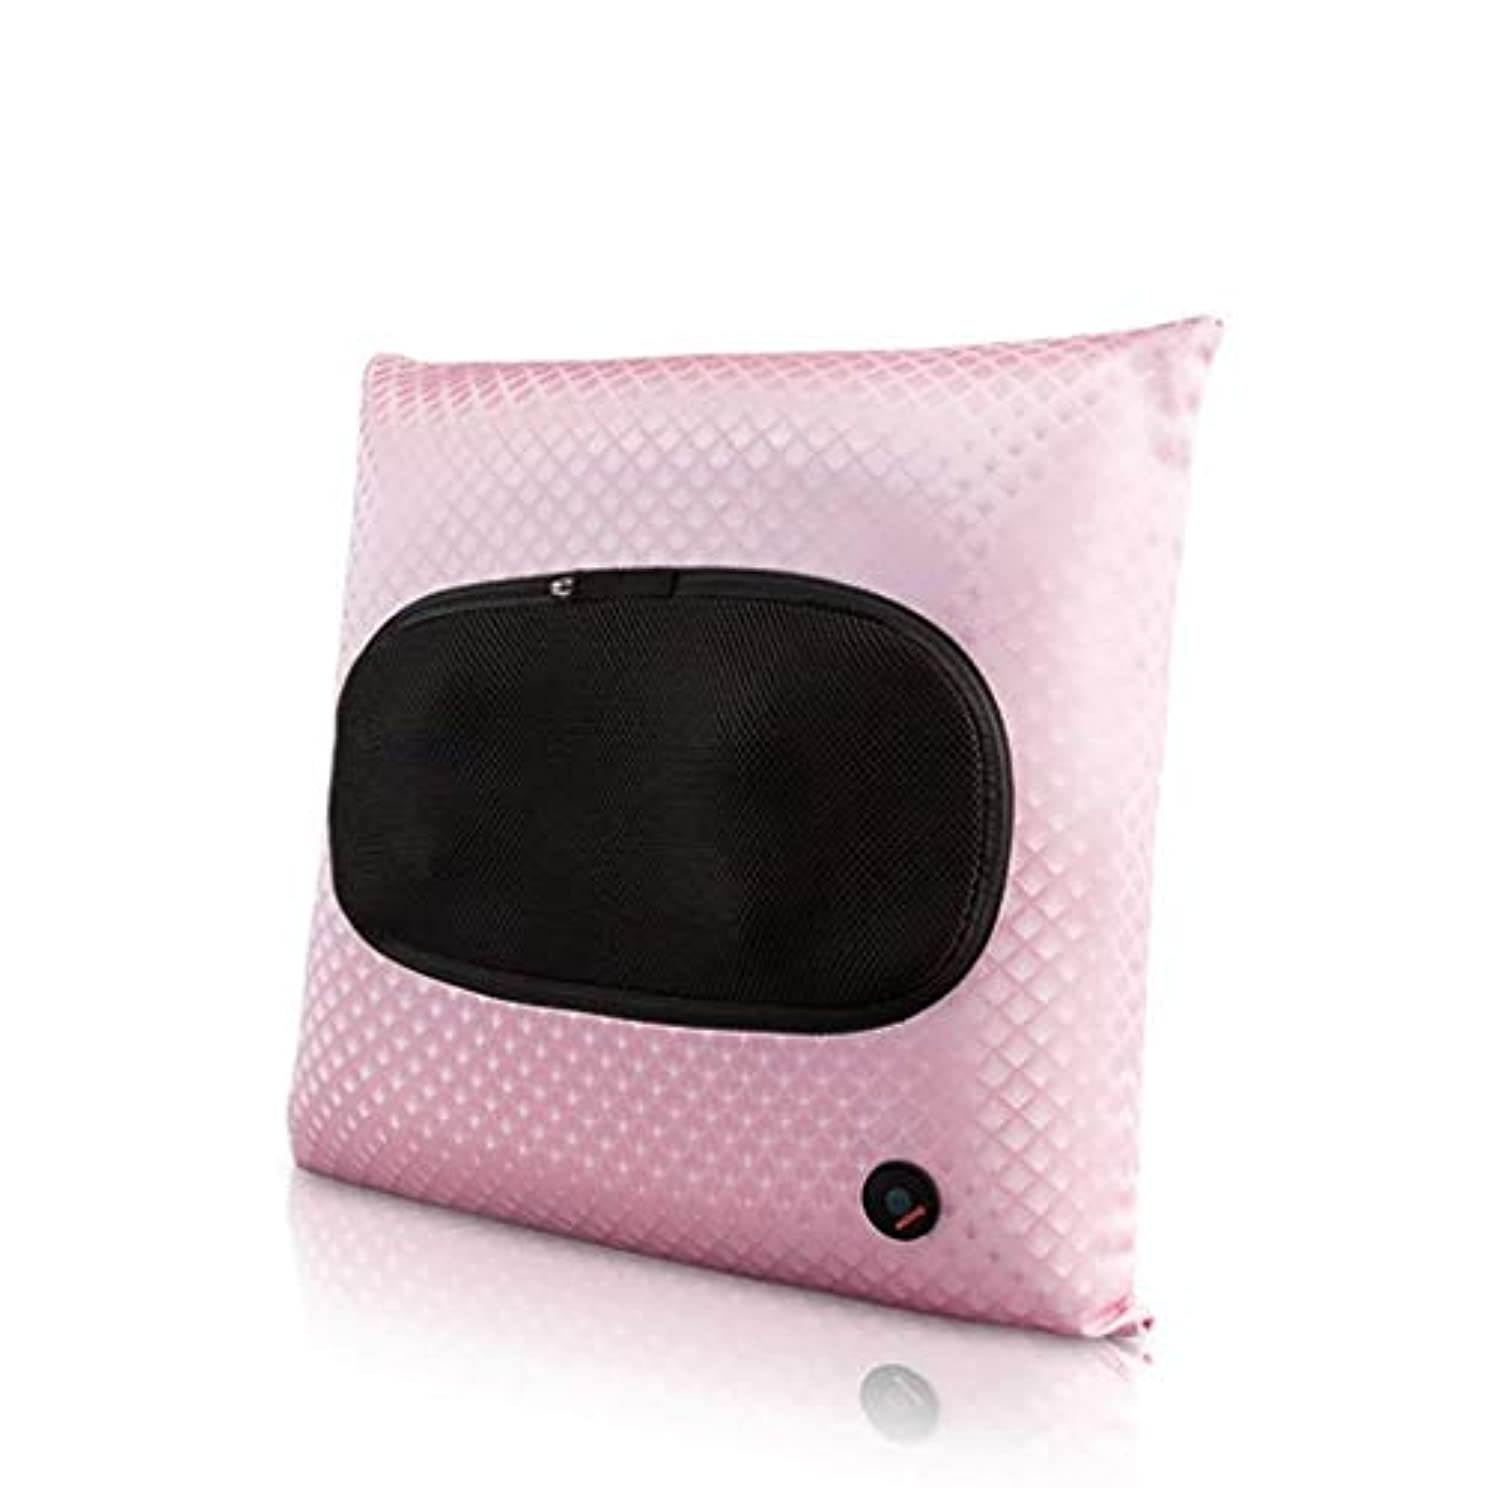 霜分解するピケ電動マッサージ器、指圧首マッサージ枕、ポータブル3Dディープニーディングマッサージ、筋肉リラクゼーション、ホットコンプレス、血液循環/睡眠の促進、バックボディカーオフィスでの使用に適しています